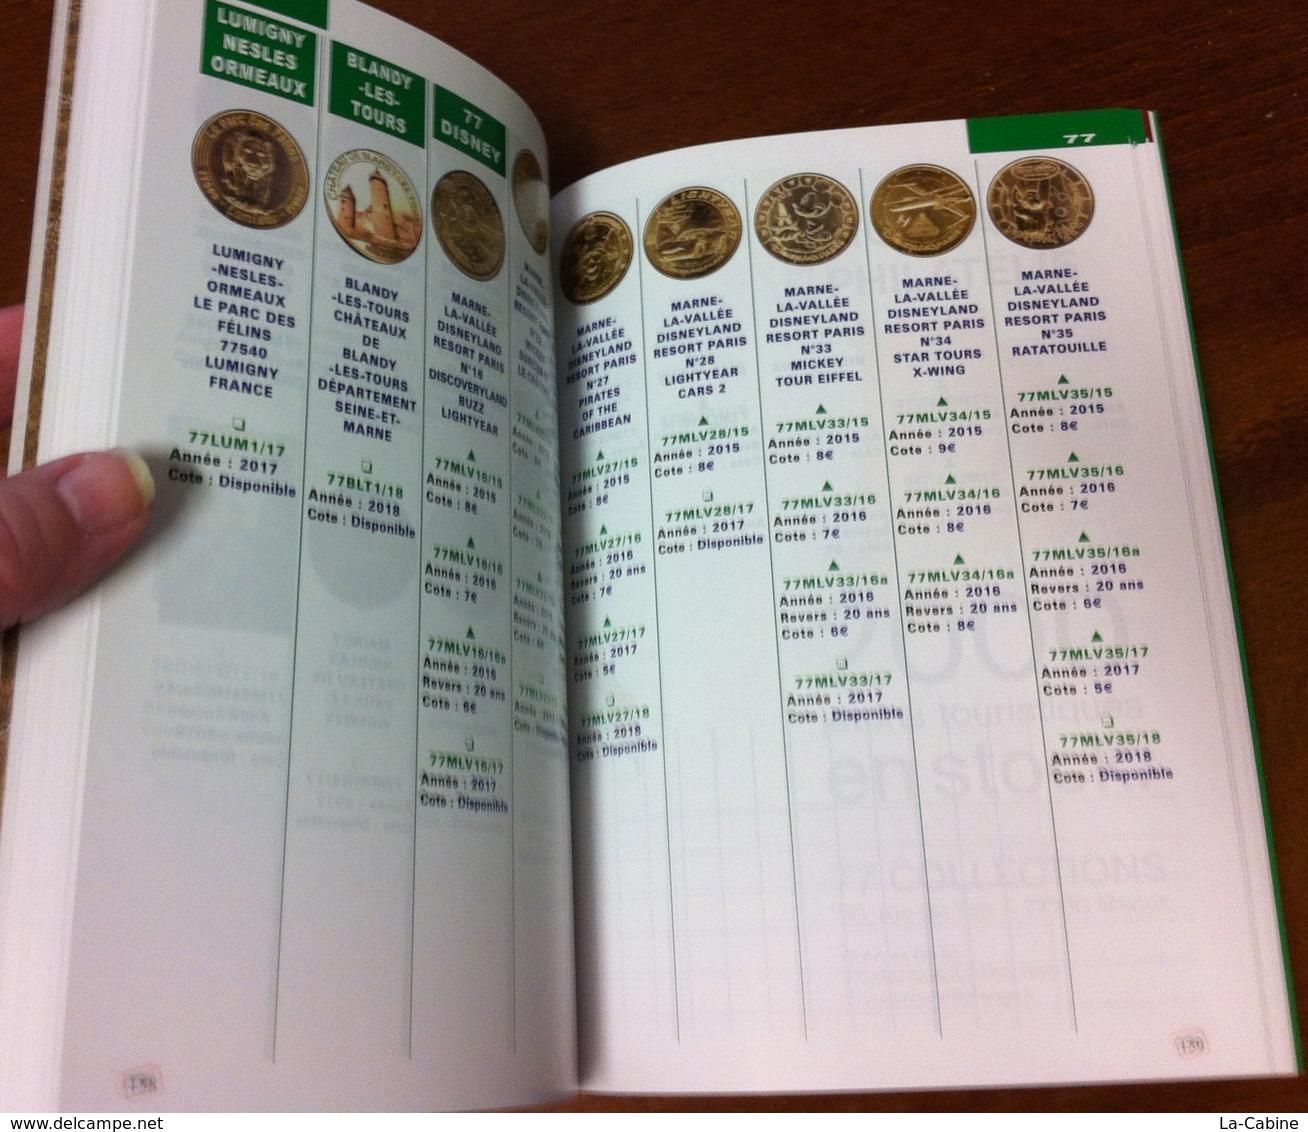 CATALOGUE OFFICIEL DES MEDAILLES SOUVENIR MONNAIE DE PARIS COTATIONS JETONS 2015 À 2018 & MÉDAILLE BRETAGNE COULEUR OR - Monnaie De Paris